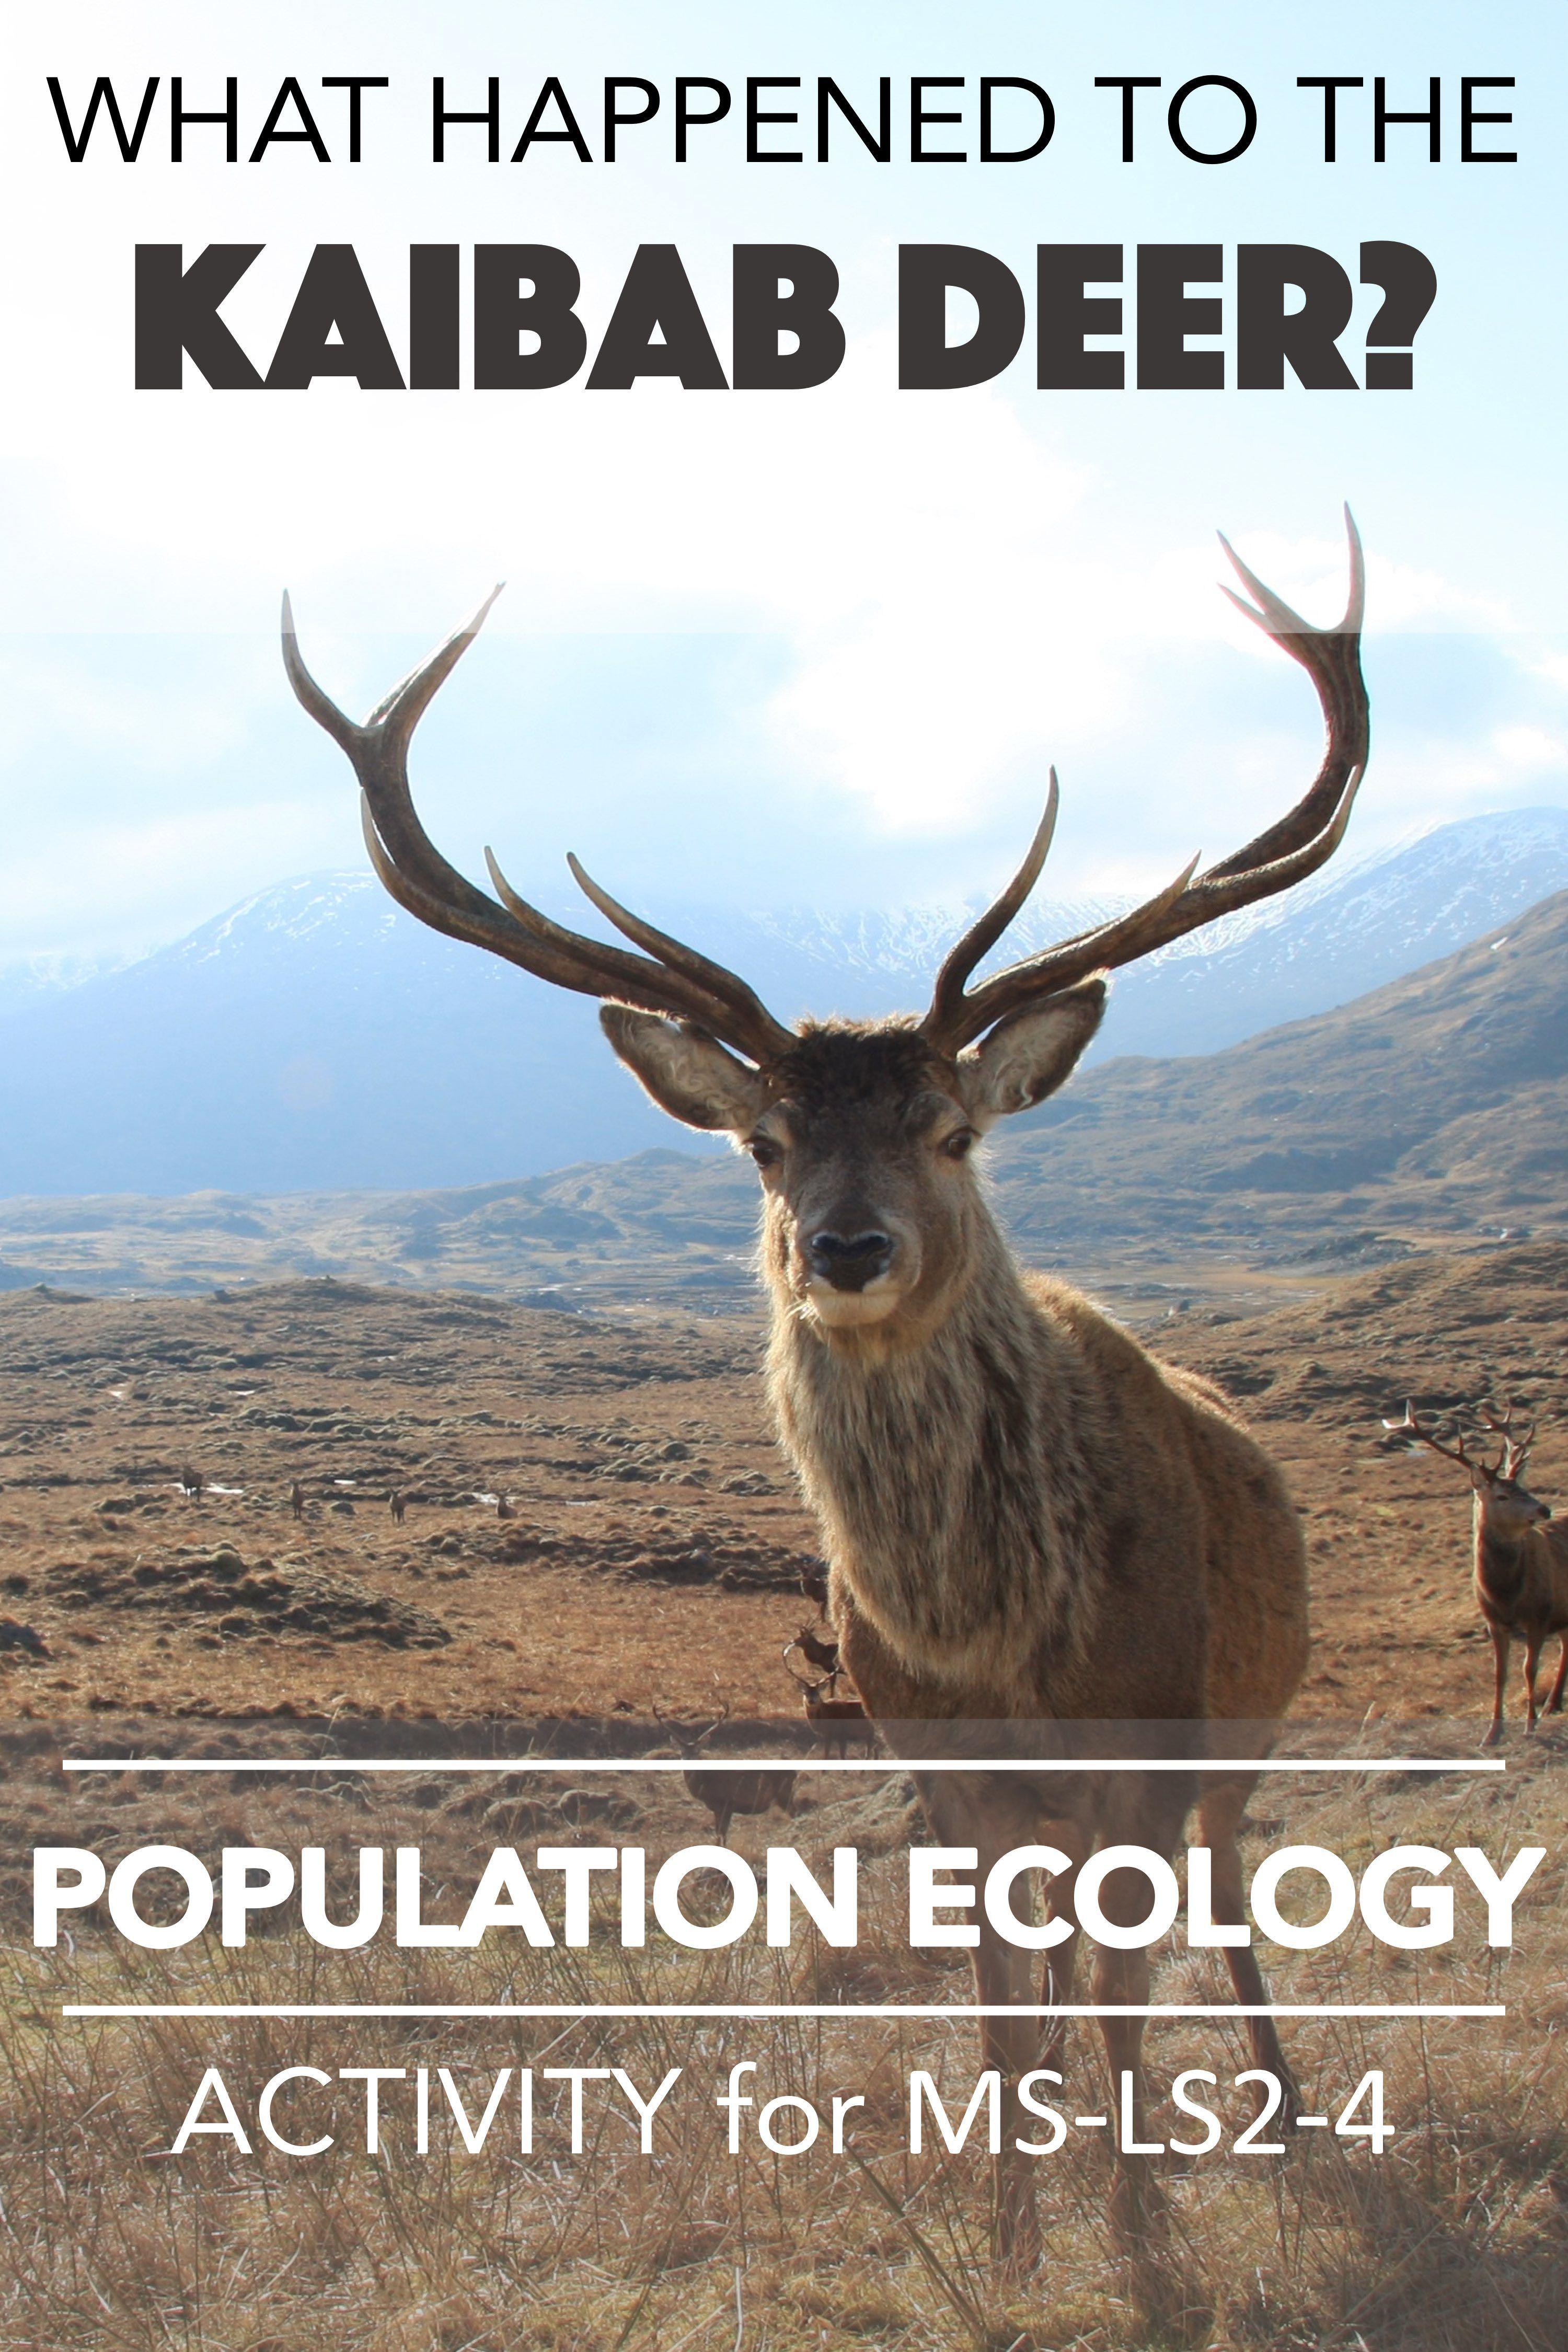 Population Ecology Scientific Argument Ms Ls2 4